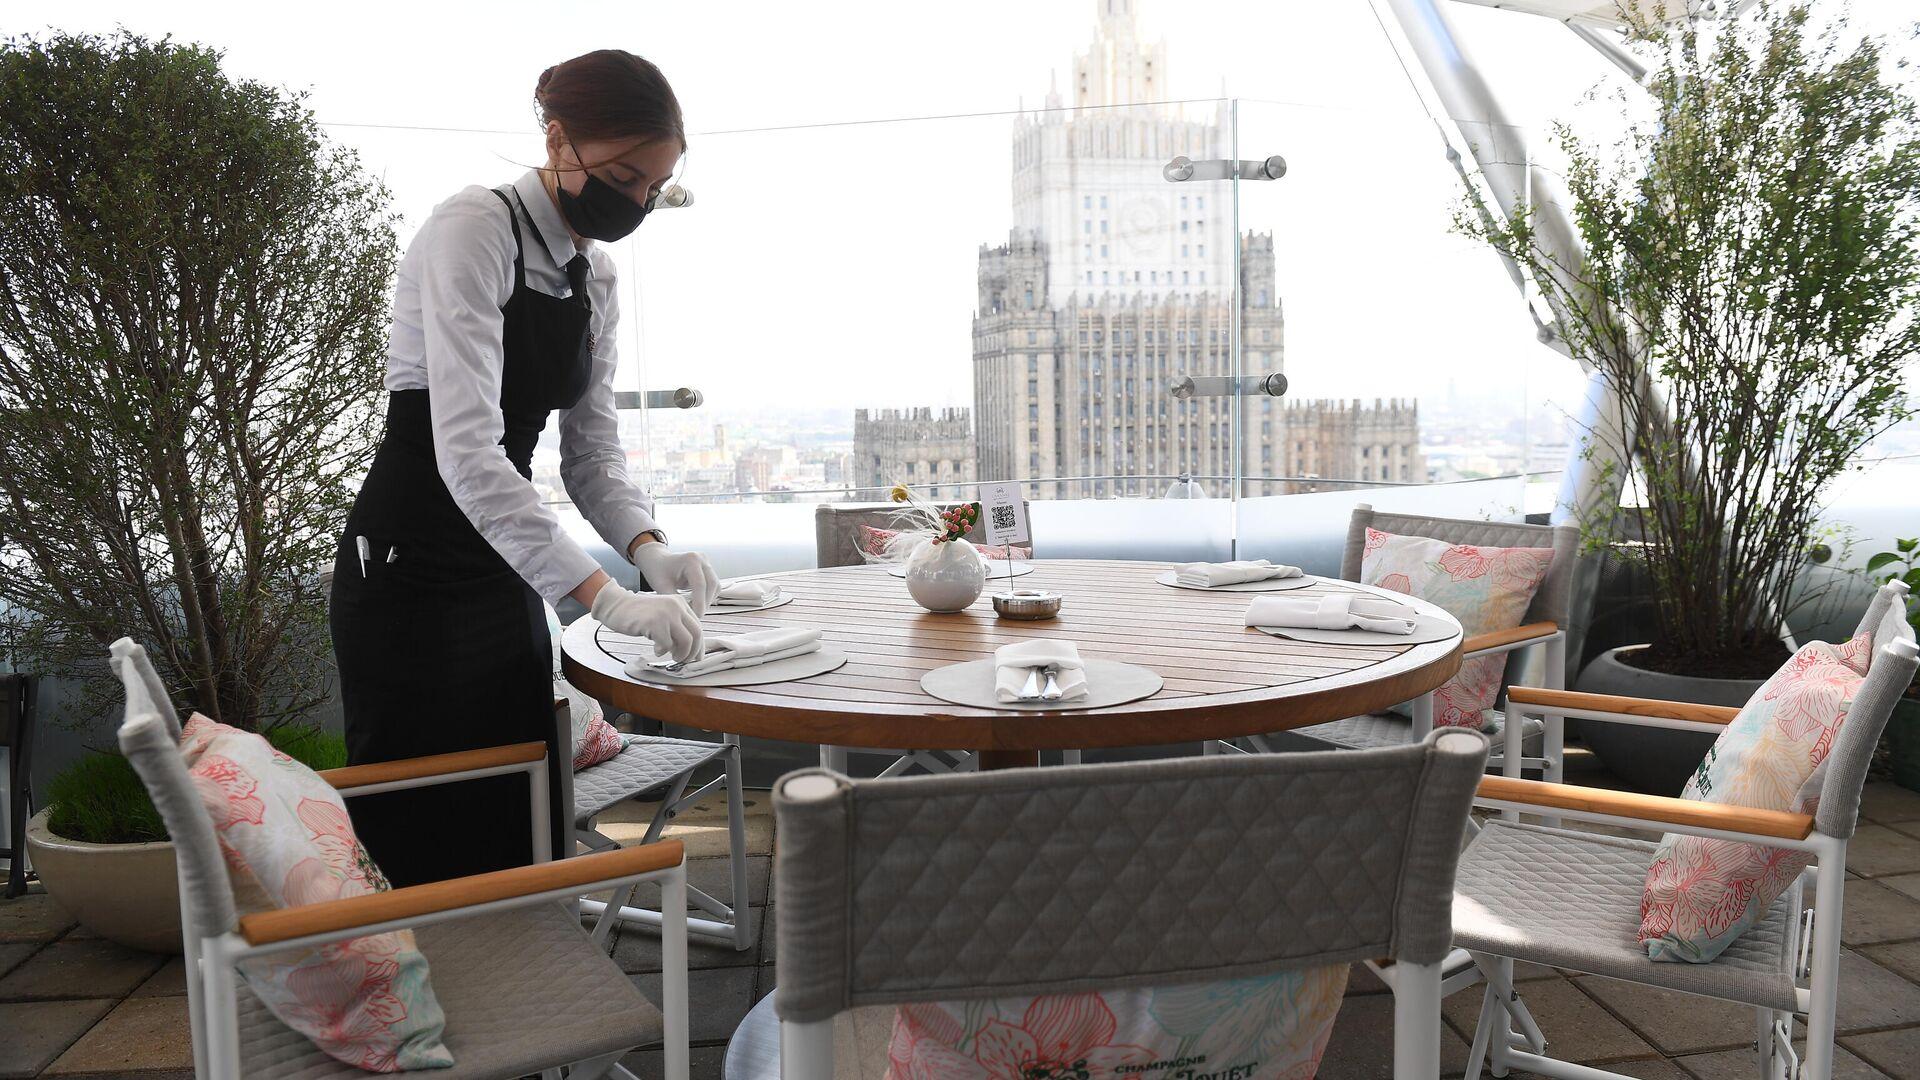 Официантка в защитной маске на открывшейся летней веранде ресторана Сахалин в Москве - РИА Новости, 1920, 30.03.2021